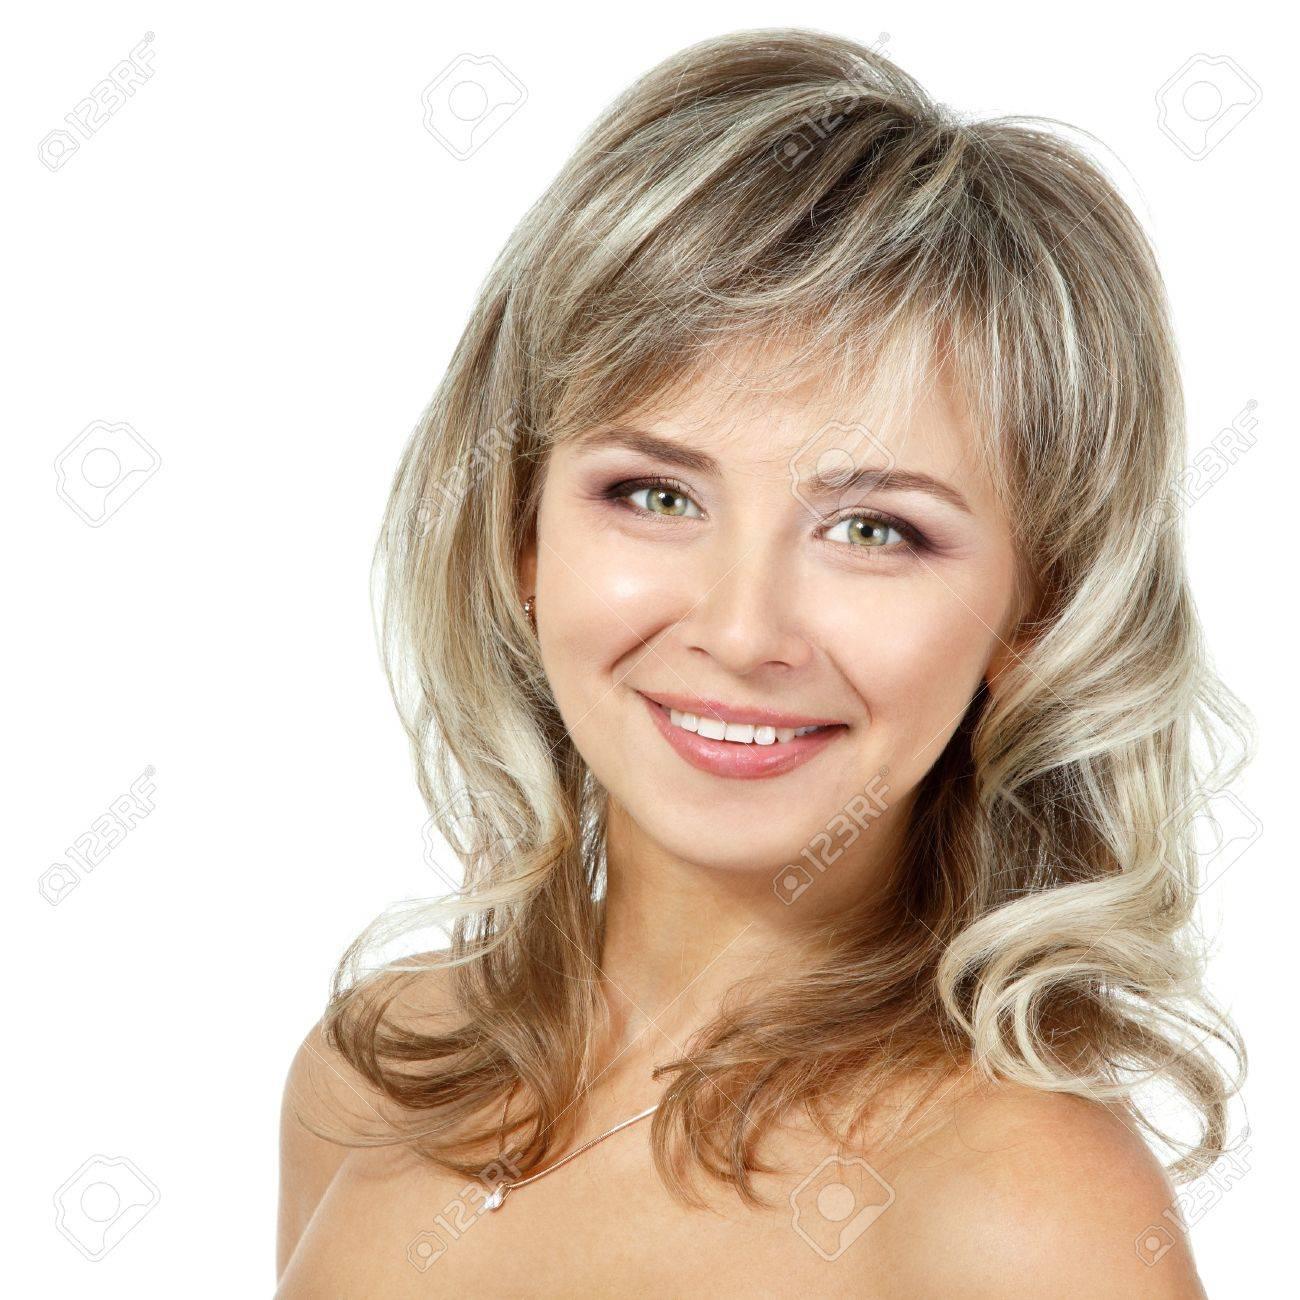 Женщины 35 40 лет 24 фотография